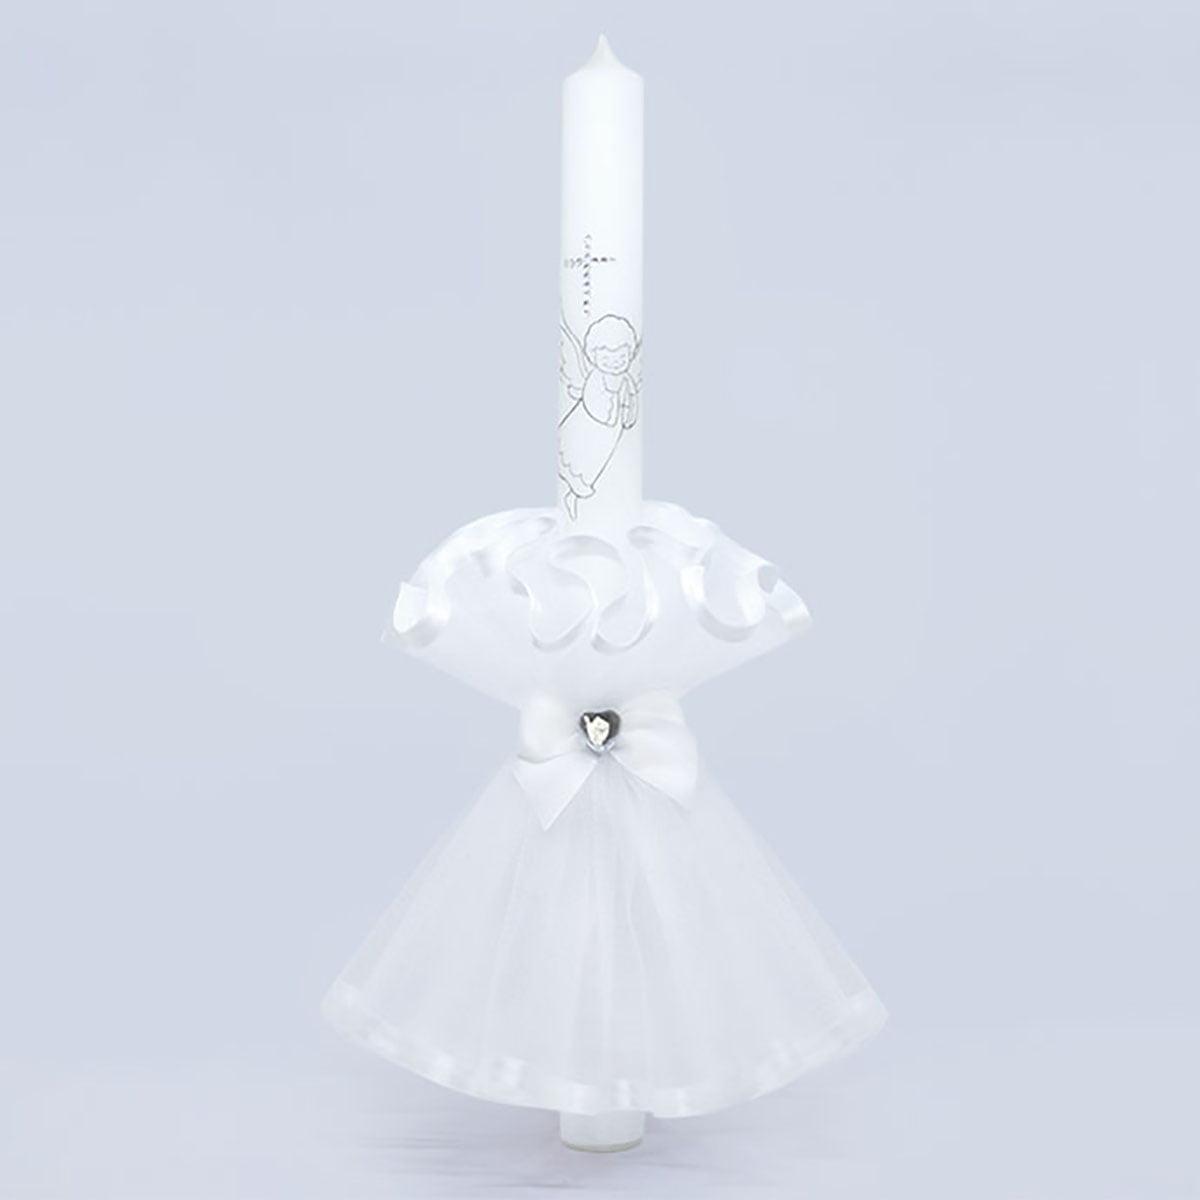 Angel white velika bijela svijeća za krštenje ukrašena anđelom